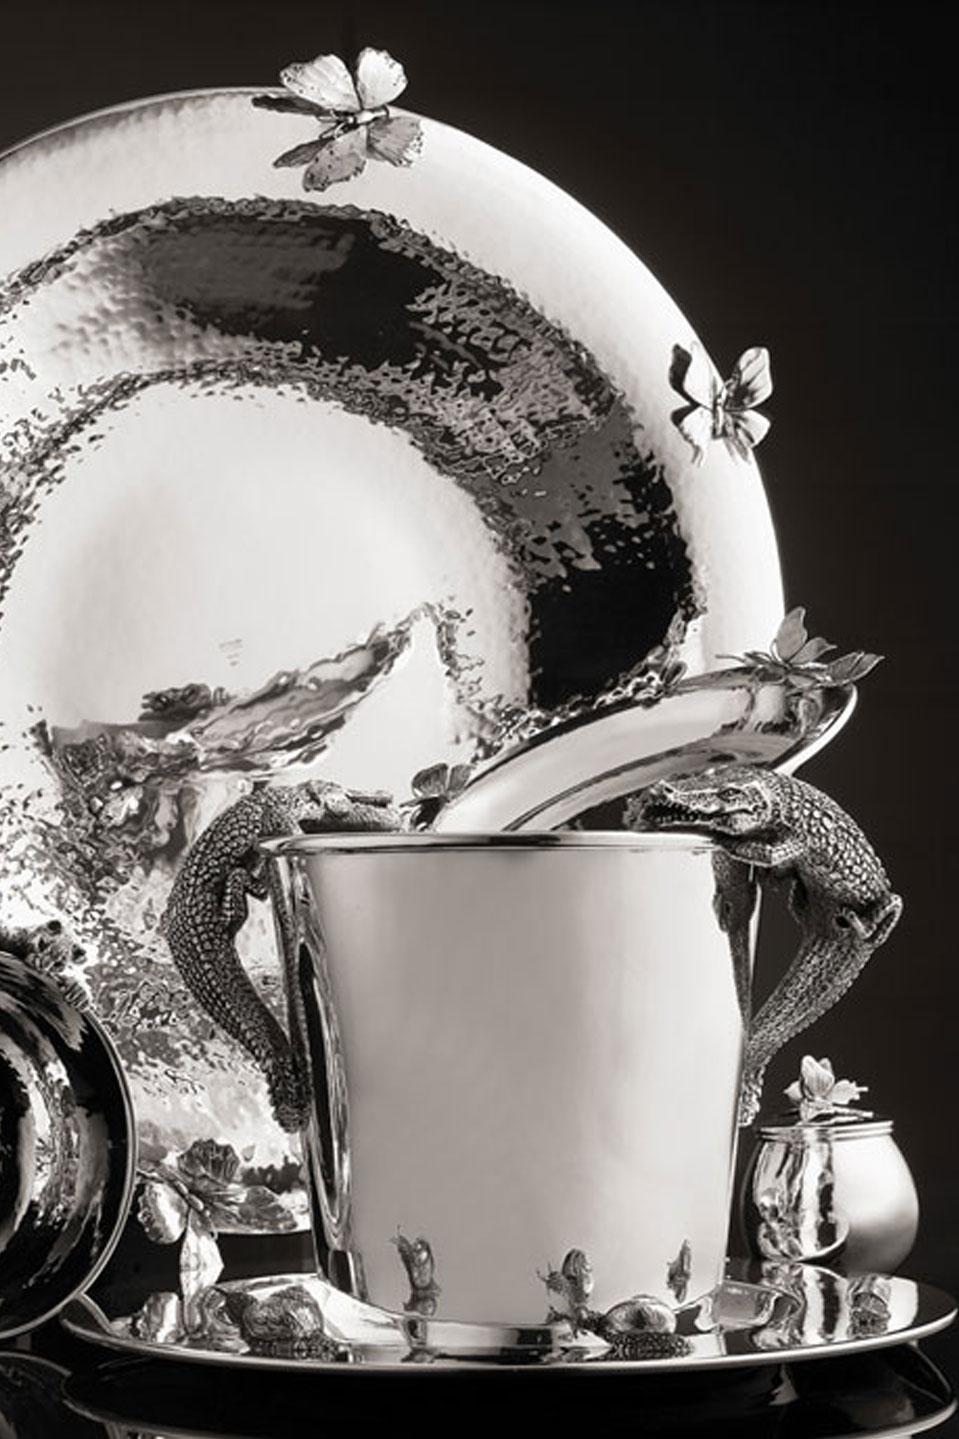 Giovanni Raspini. Cornici e gioielli in argento. Rizzuto Gioielleria a Sarzana (La Spezia)